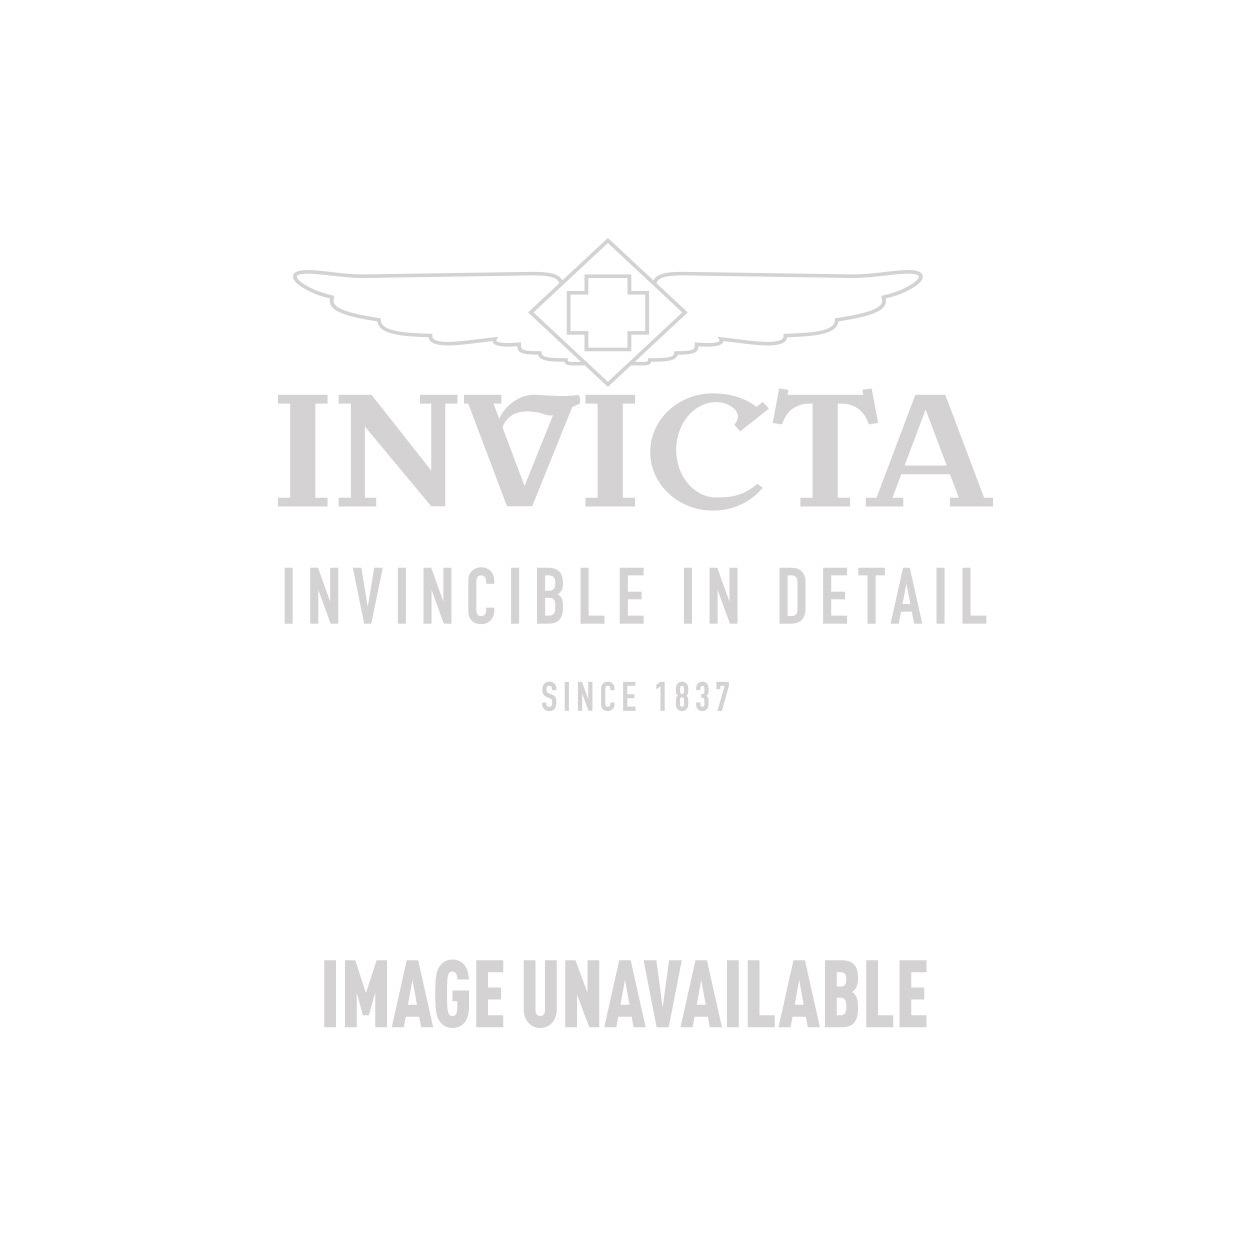 Invicta Model 28698